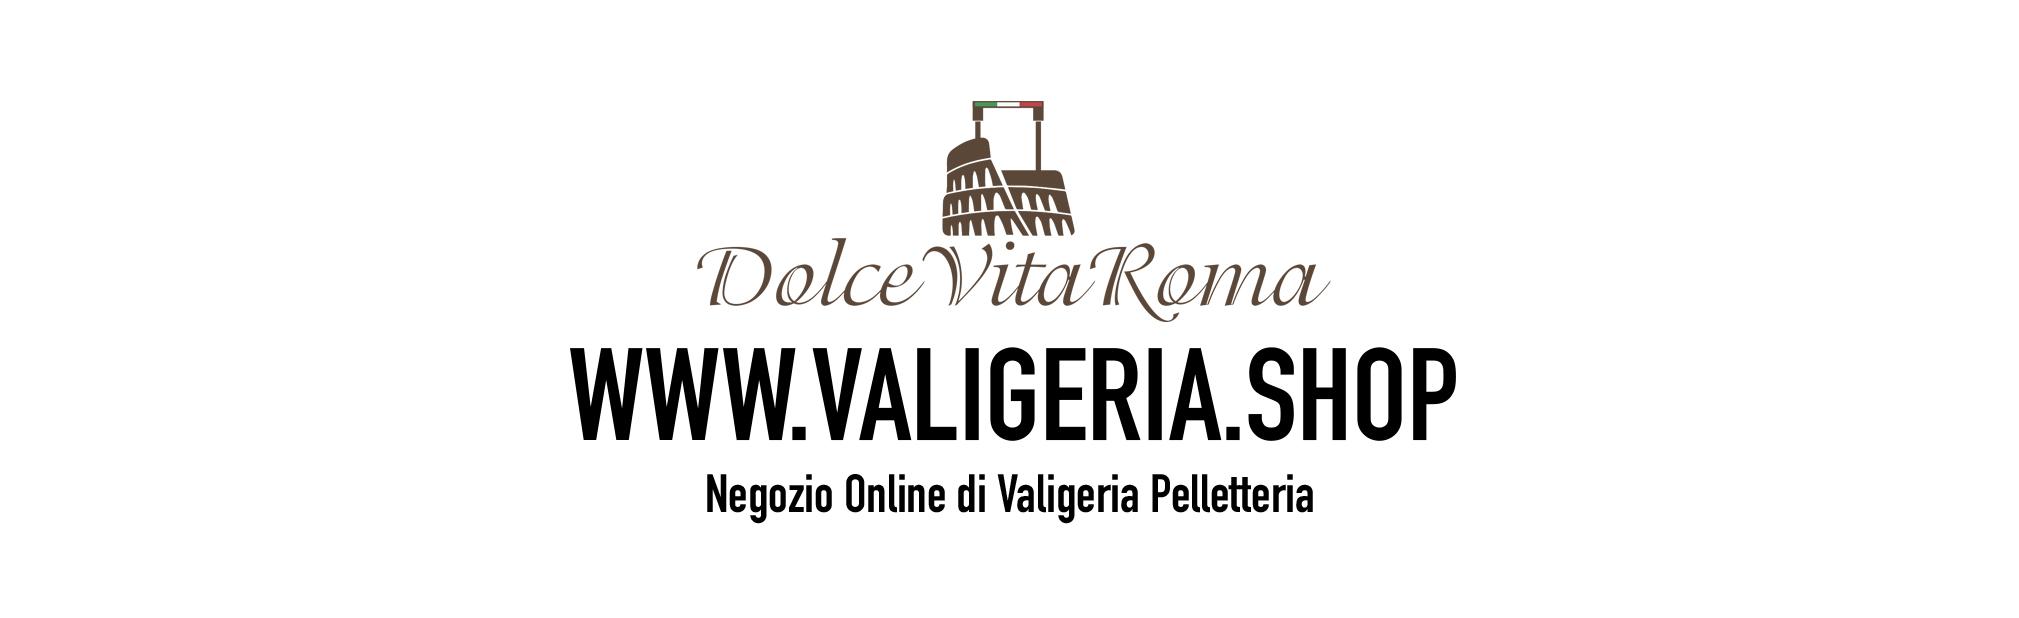 WWW.VALIGERIA.SHOP Negozio Online di Valigeria e Pelletteria